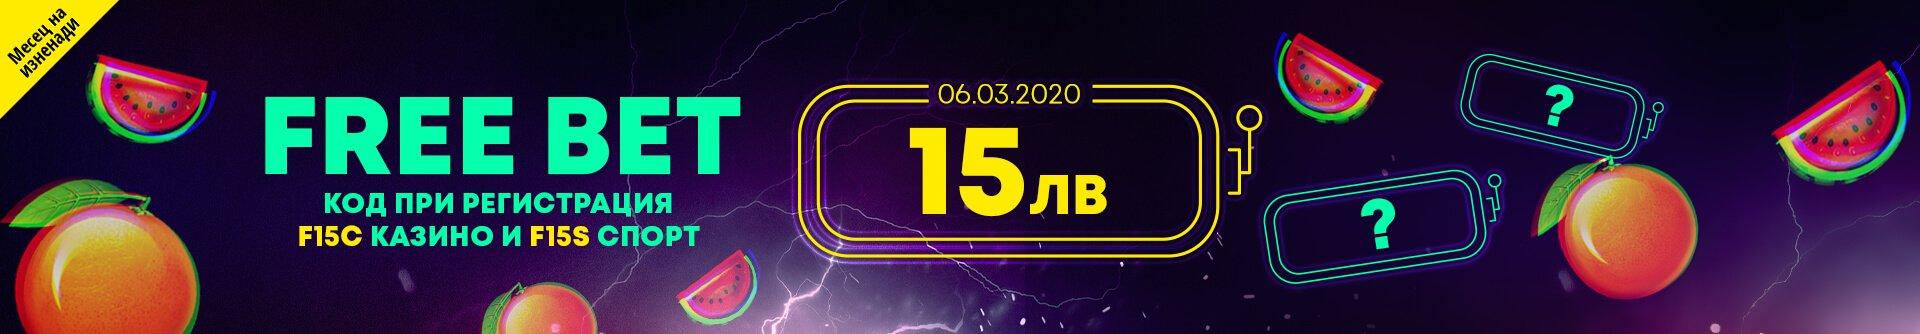 15 лв. бонус без депозит от Winbet